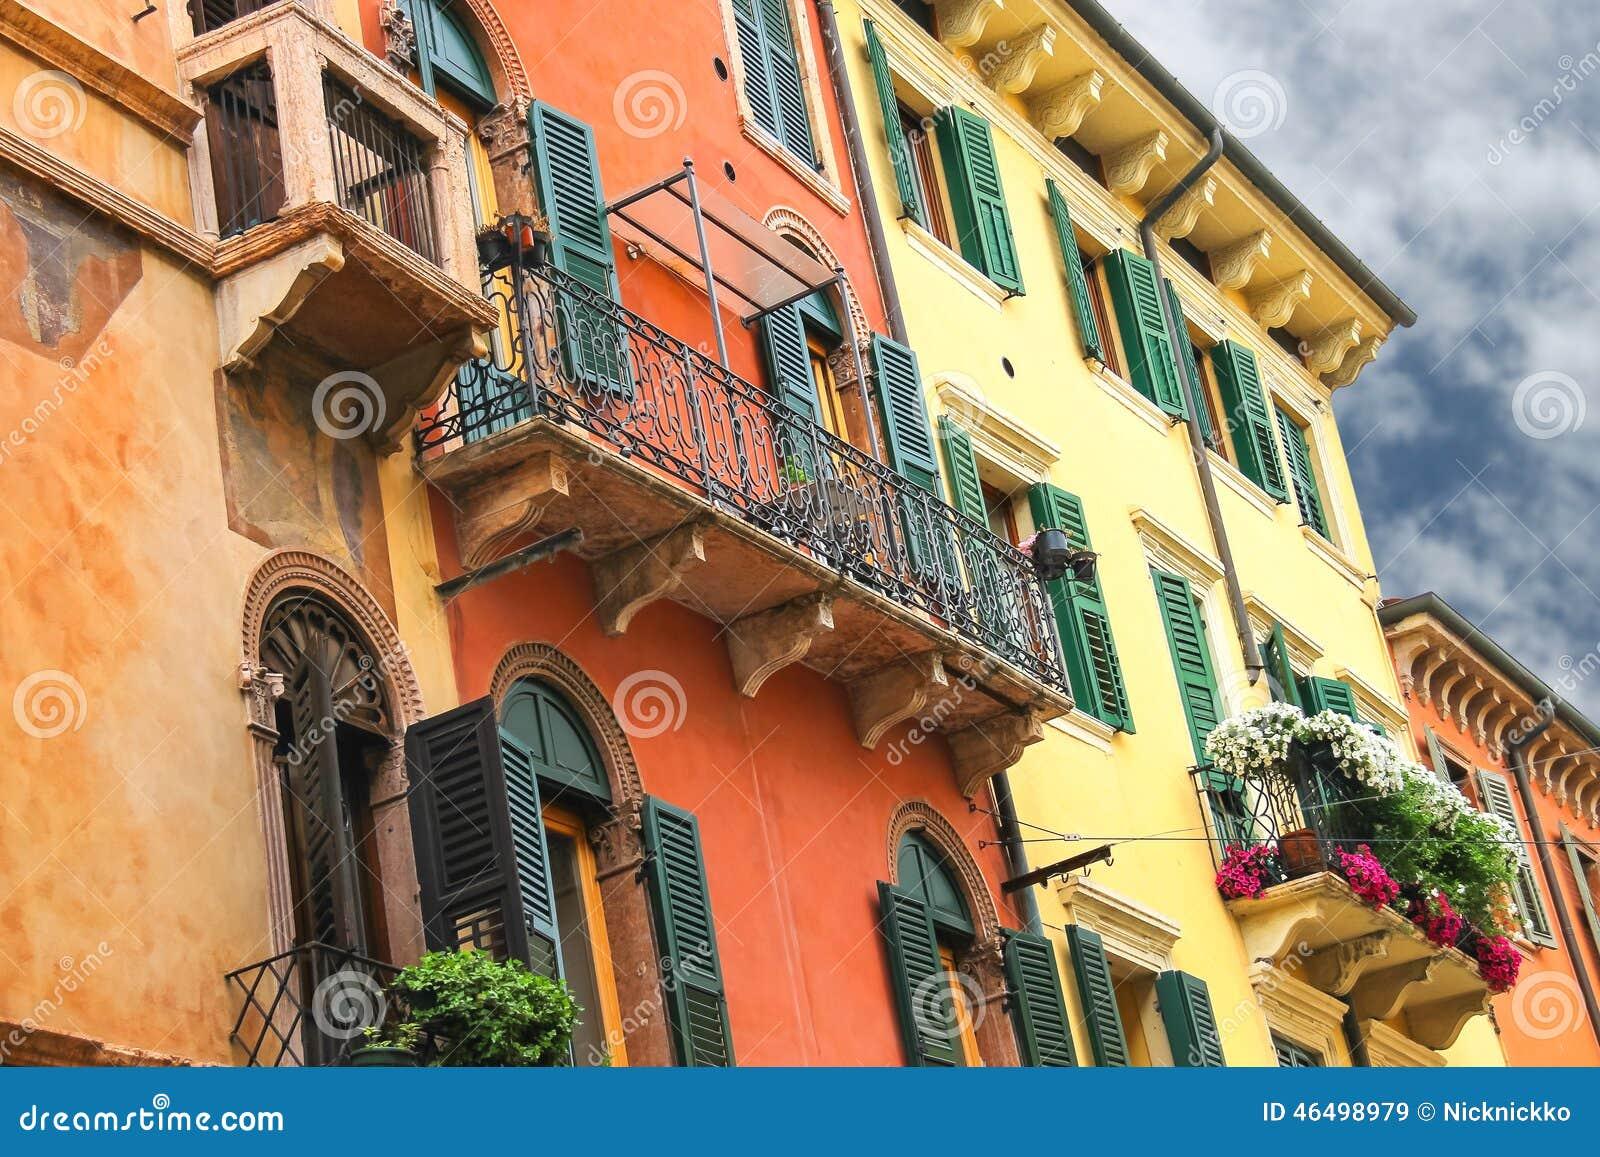 Bloemen op het balkon van het mooie italiaanse huis stock foto afbeelding 46498979 - Mooie huis foto ...